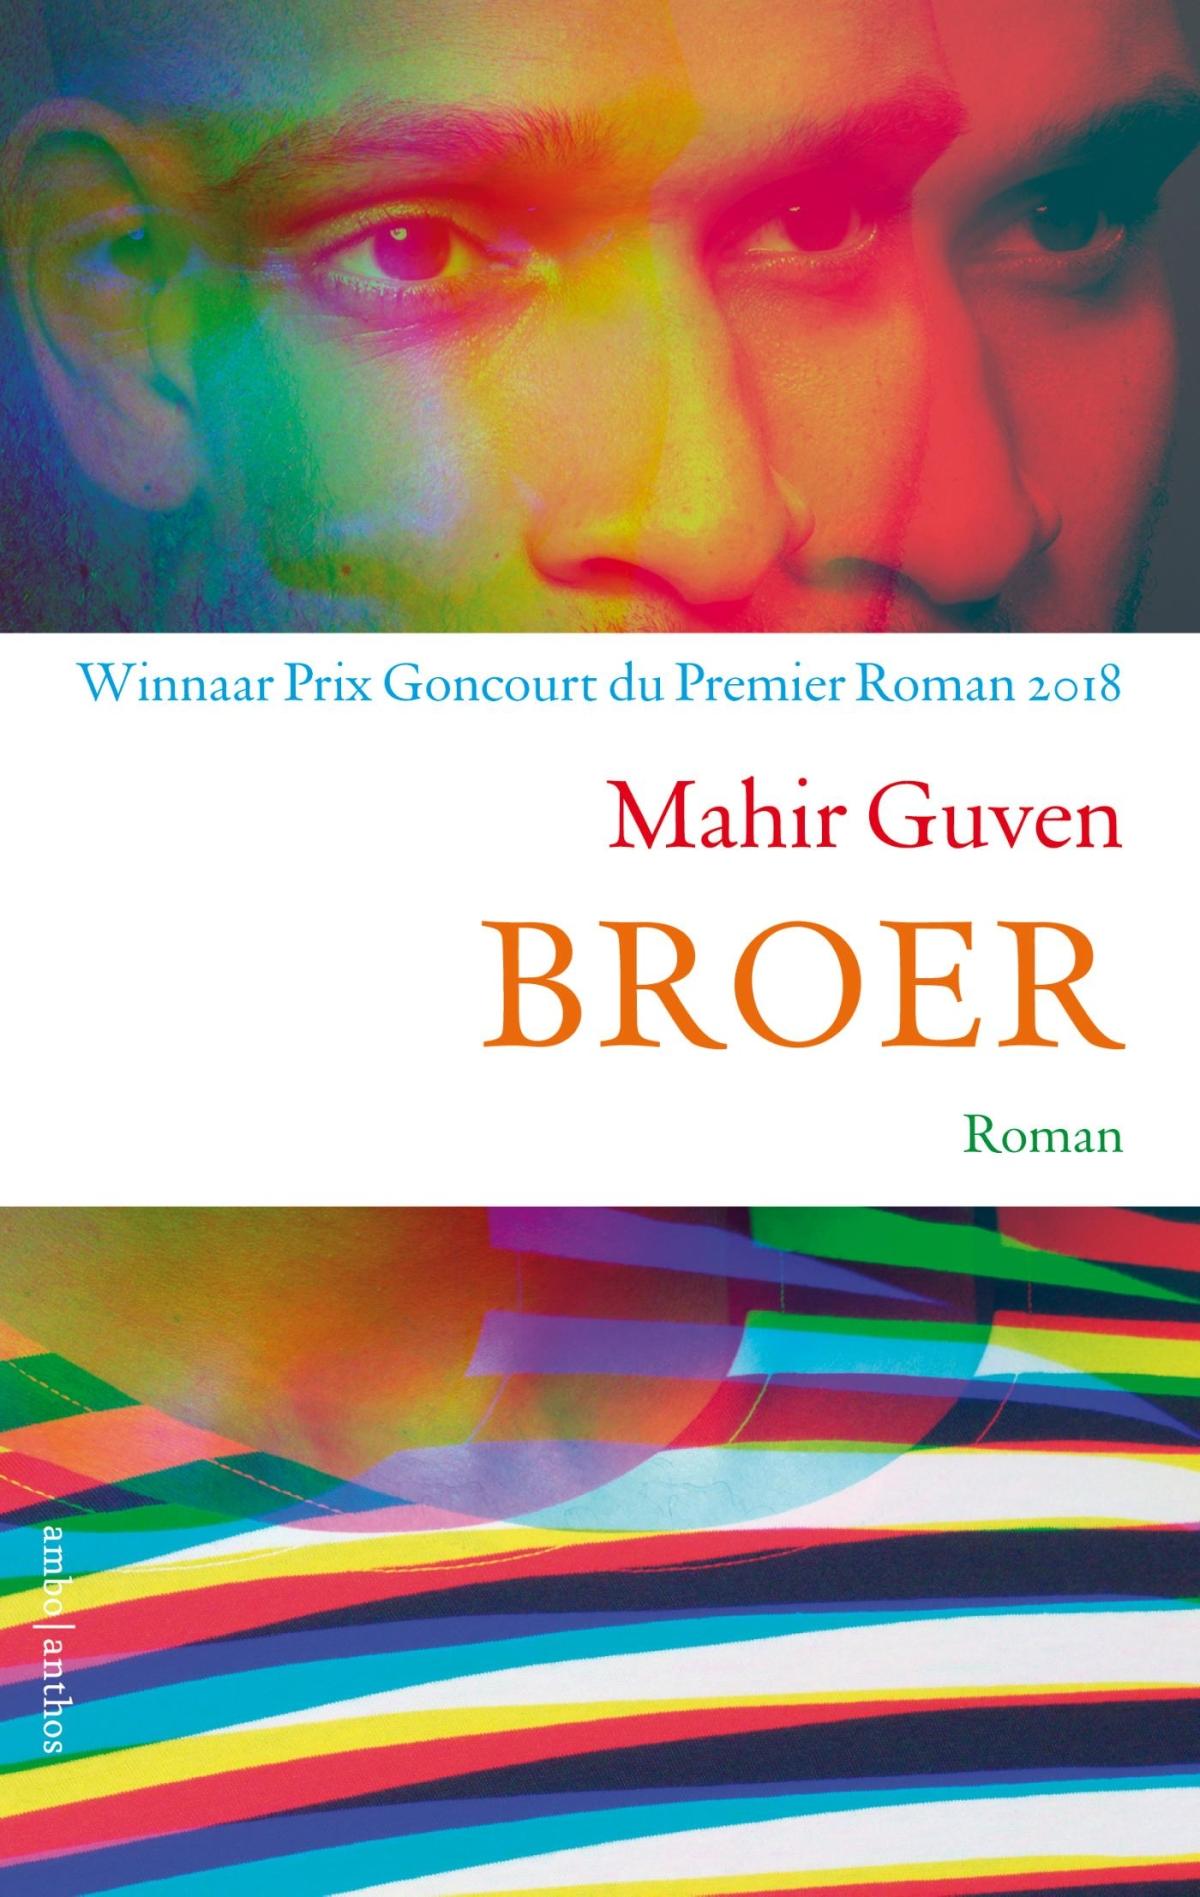 Broer - Mahir Guven